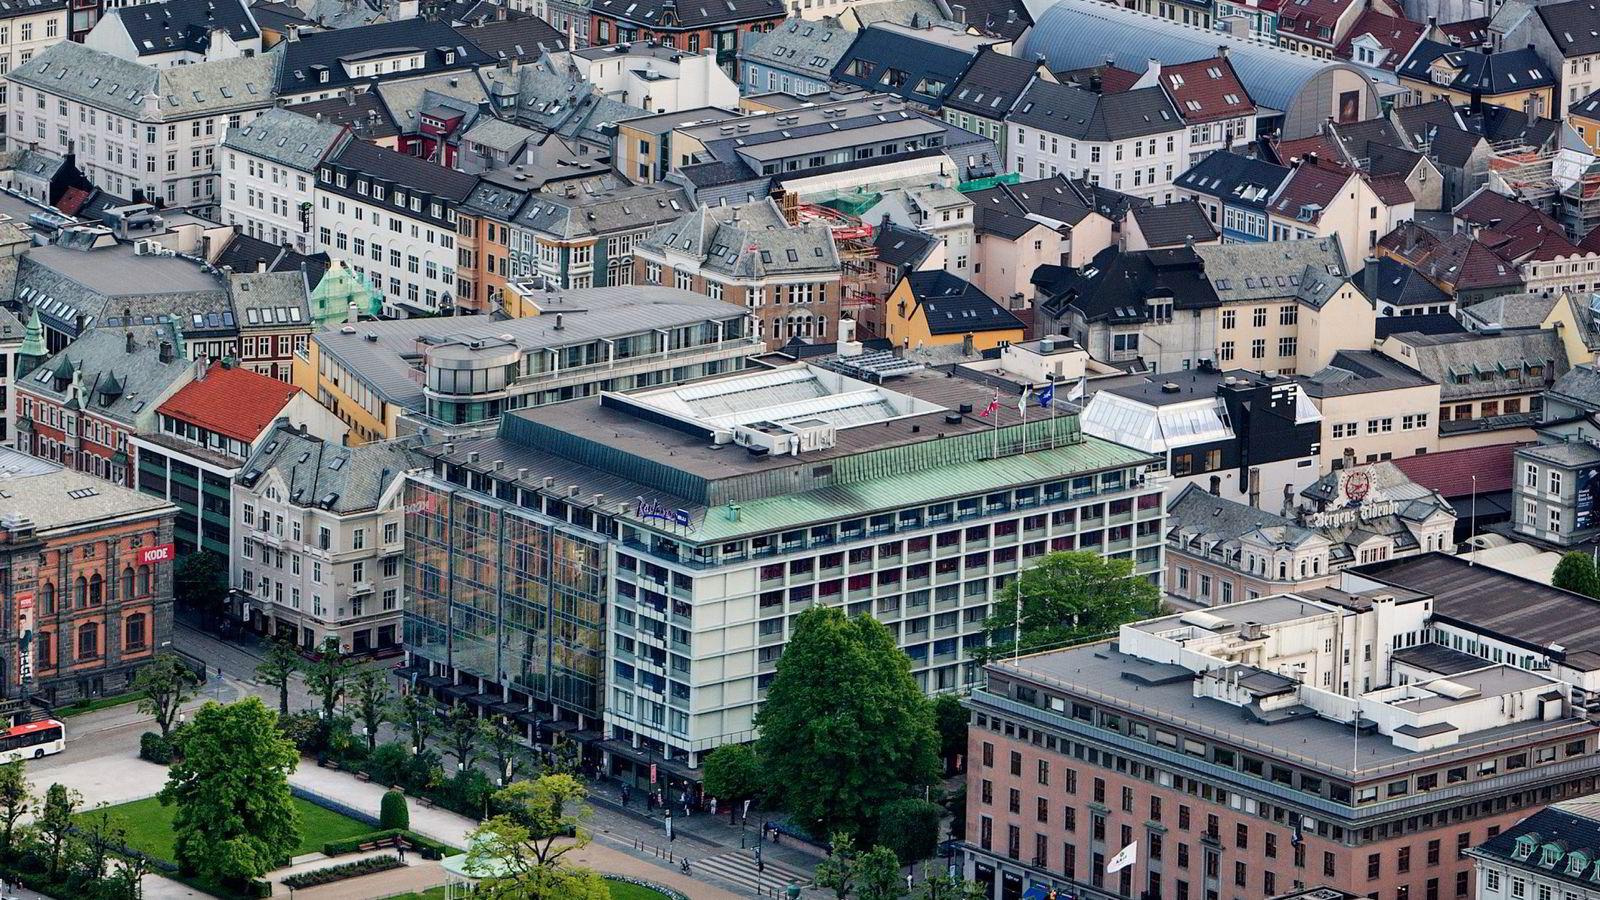 Hotellene i Bergen, her representert med Radisson Blu Hotel Norge ved Torgallmenningen, fikk en nedgang i inntekten per tilgjengelige rom på 22 prosent i oktober. Foto: